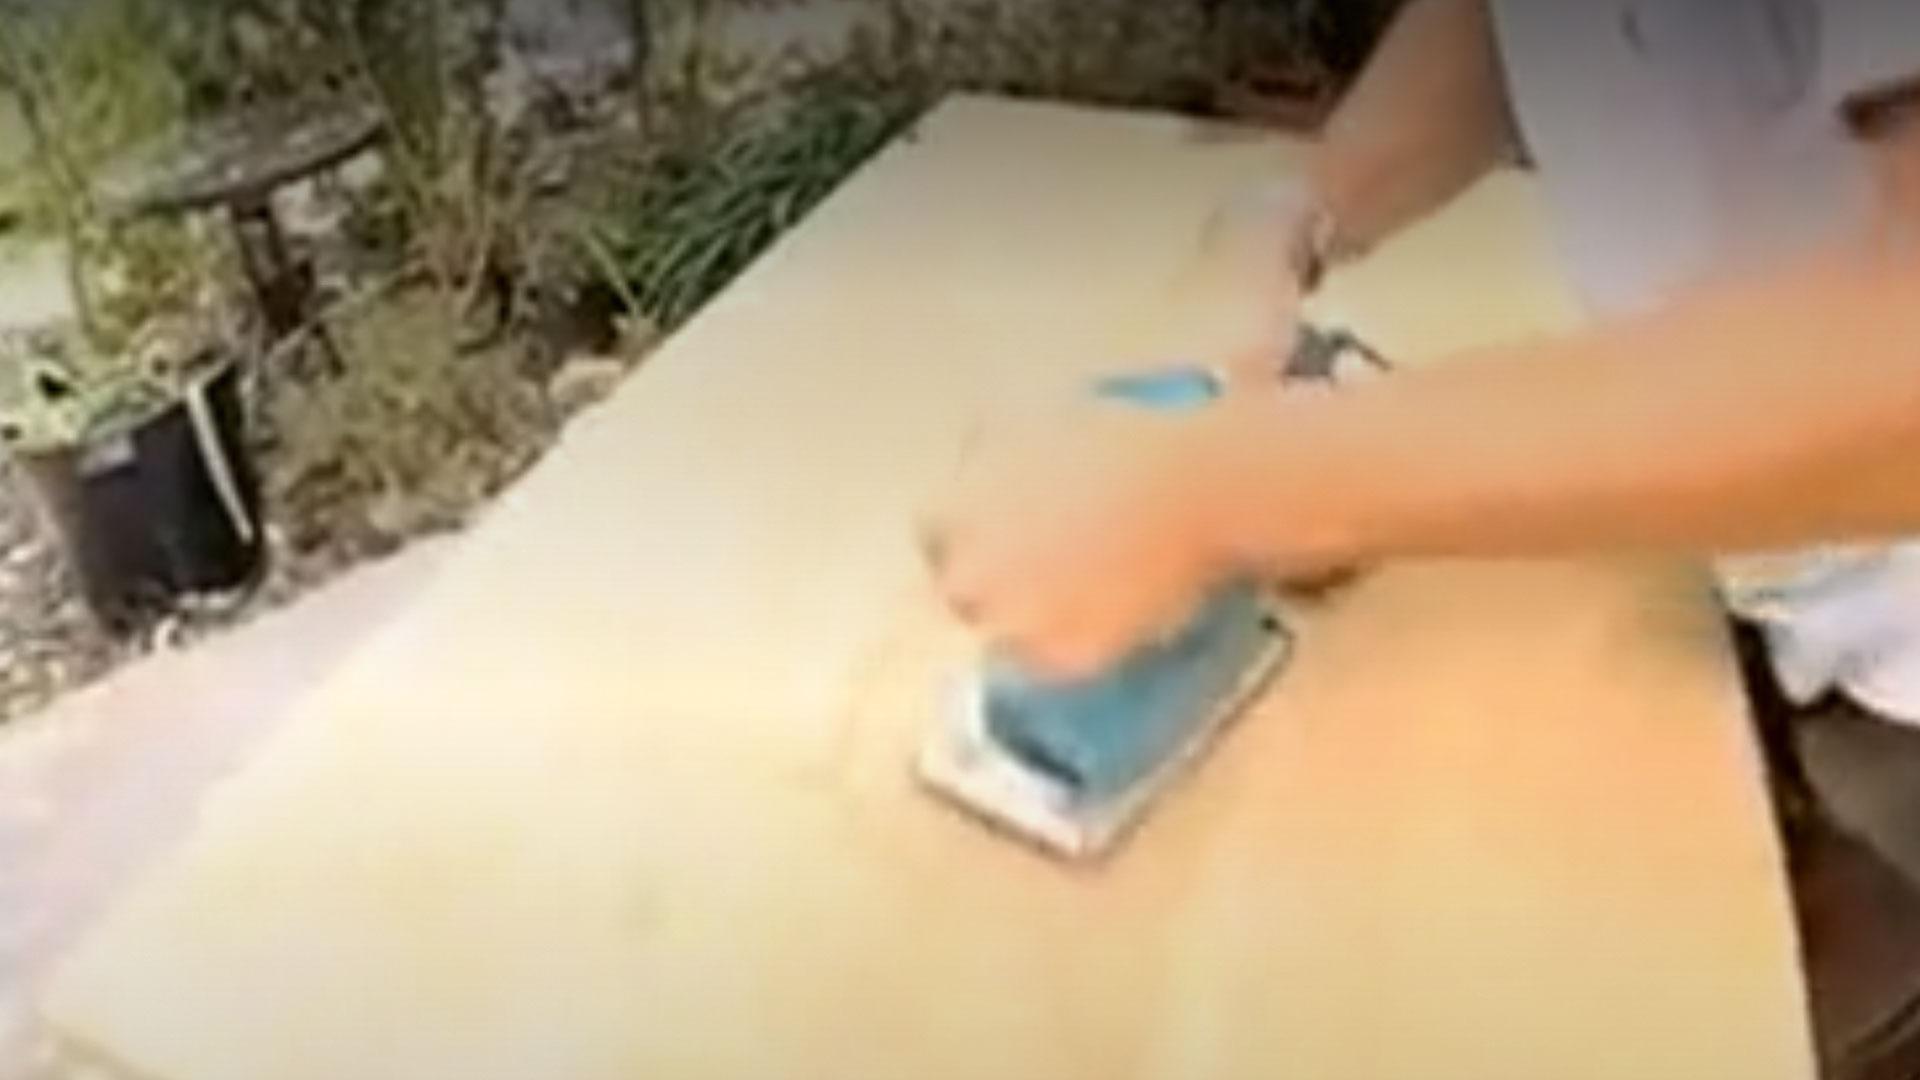 Marzo es el clásico mes donde desarmamos clóset, botamos papeles, cachureos, ordenamos el escritorio y vemos si hay algún mueble viejo que ya no sea útil. Pero antes de desechar un mueble es recomendable revisarlos, porque en general todos tienen una segunda oportunidad, es decir pueden ser reparados para seguir usándolos. En este proyecto aprenderemos cómo reparar un escritorio de madera.